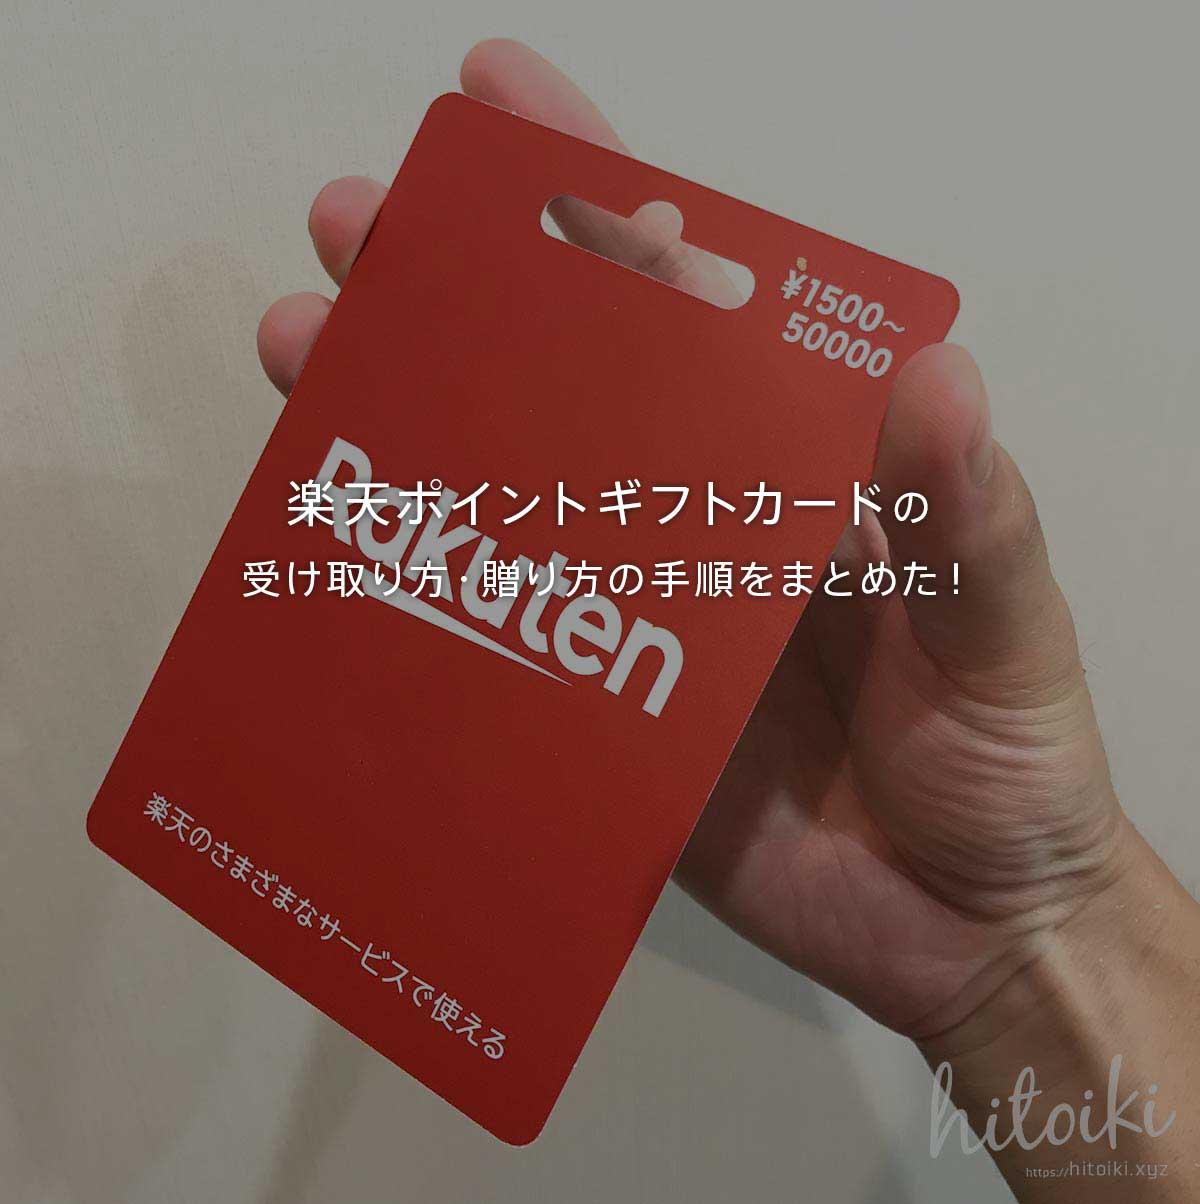 楽天ポイントギフトカードの受け取り方・もらい方・贈り方の手順や方法をまとめた! rakuten_pointgiftcard_img_1281_main